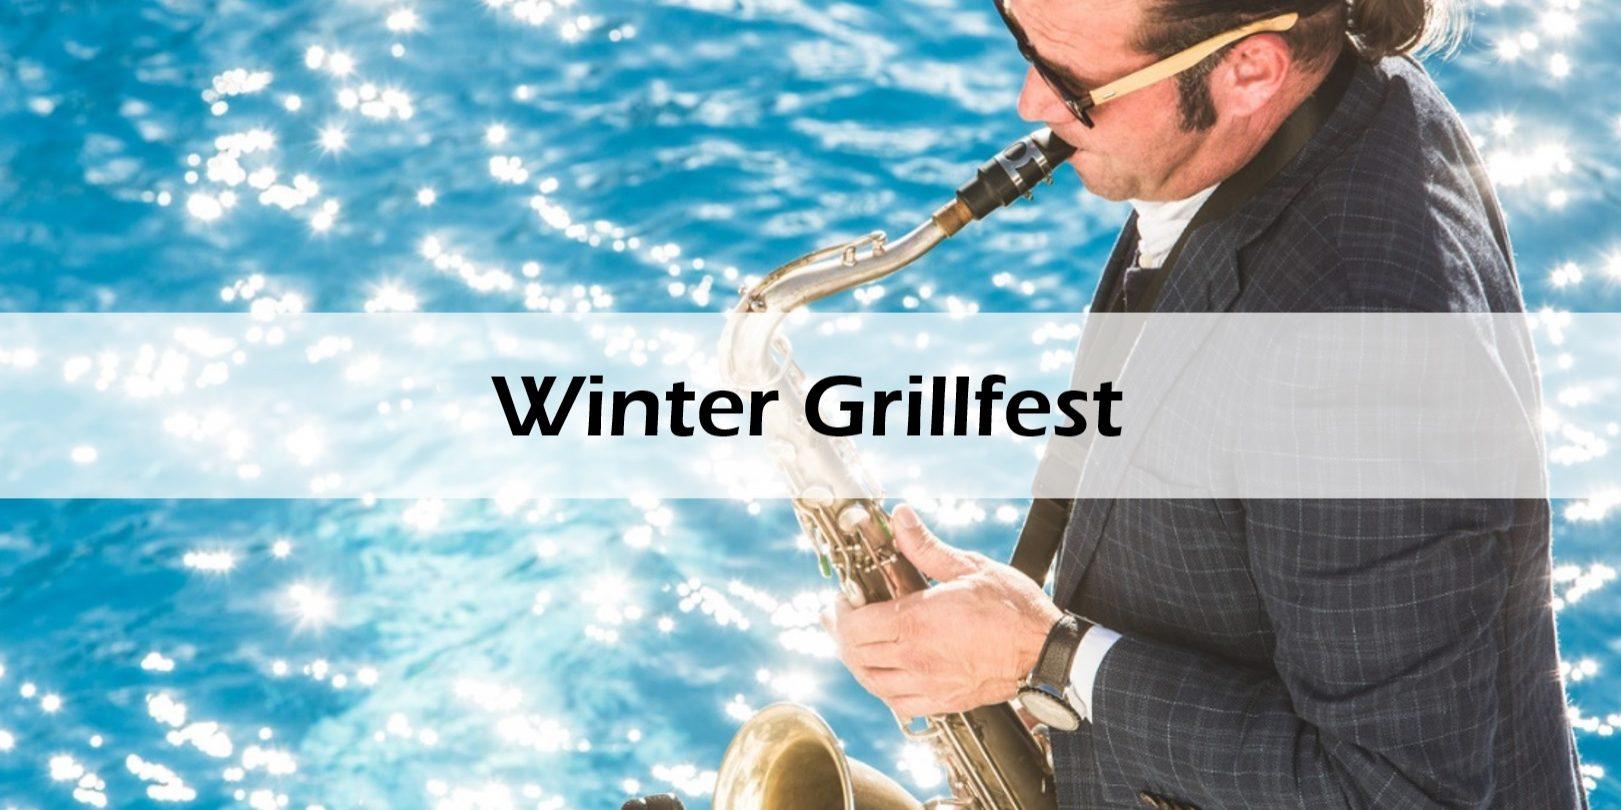 Winter Grillfest